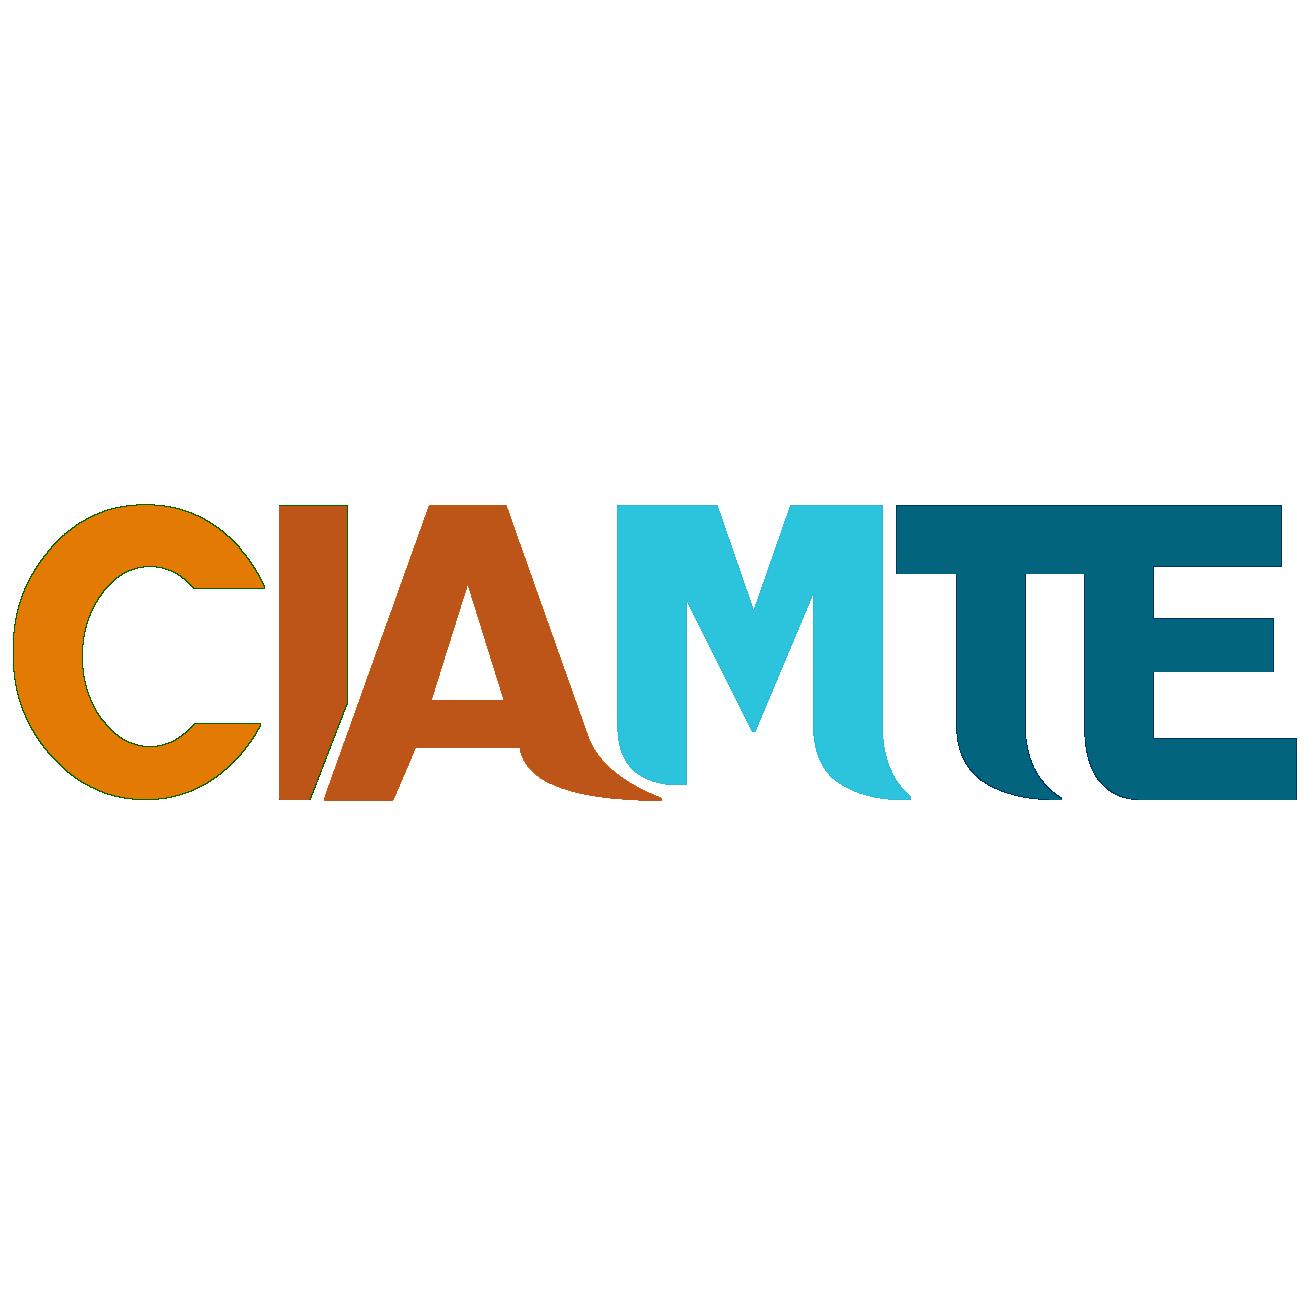 CIAMNTE 2018